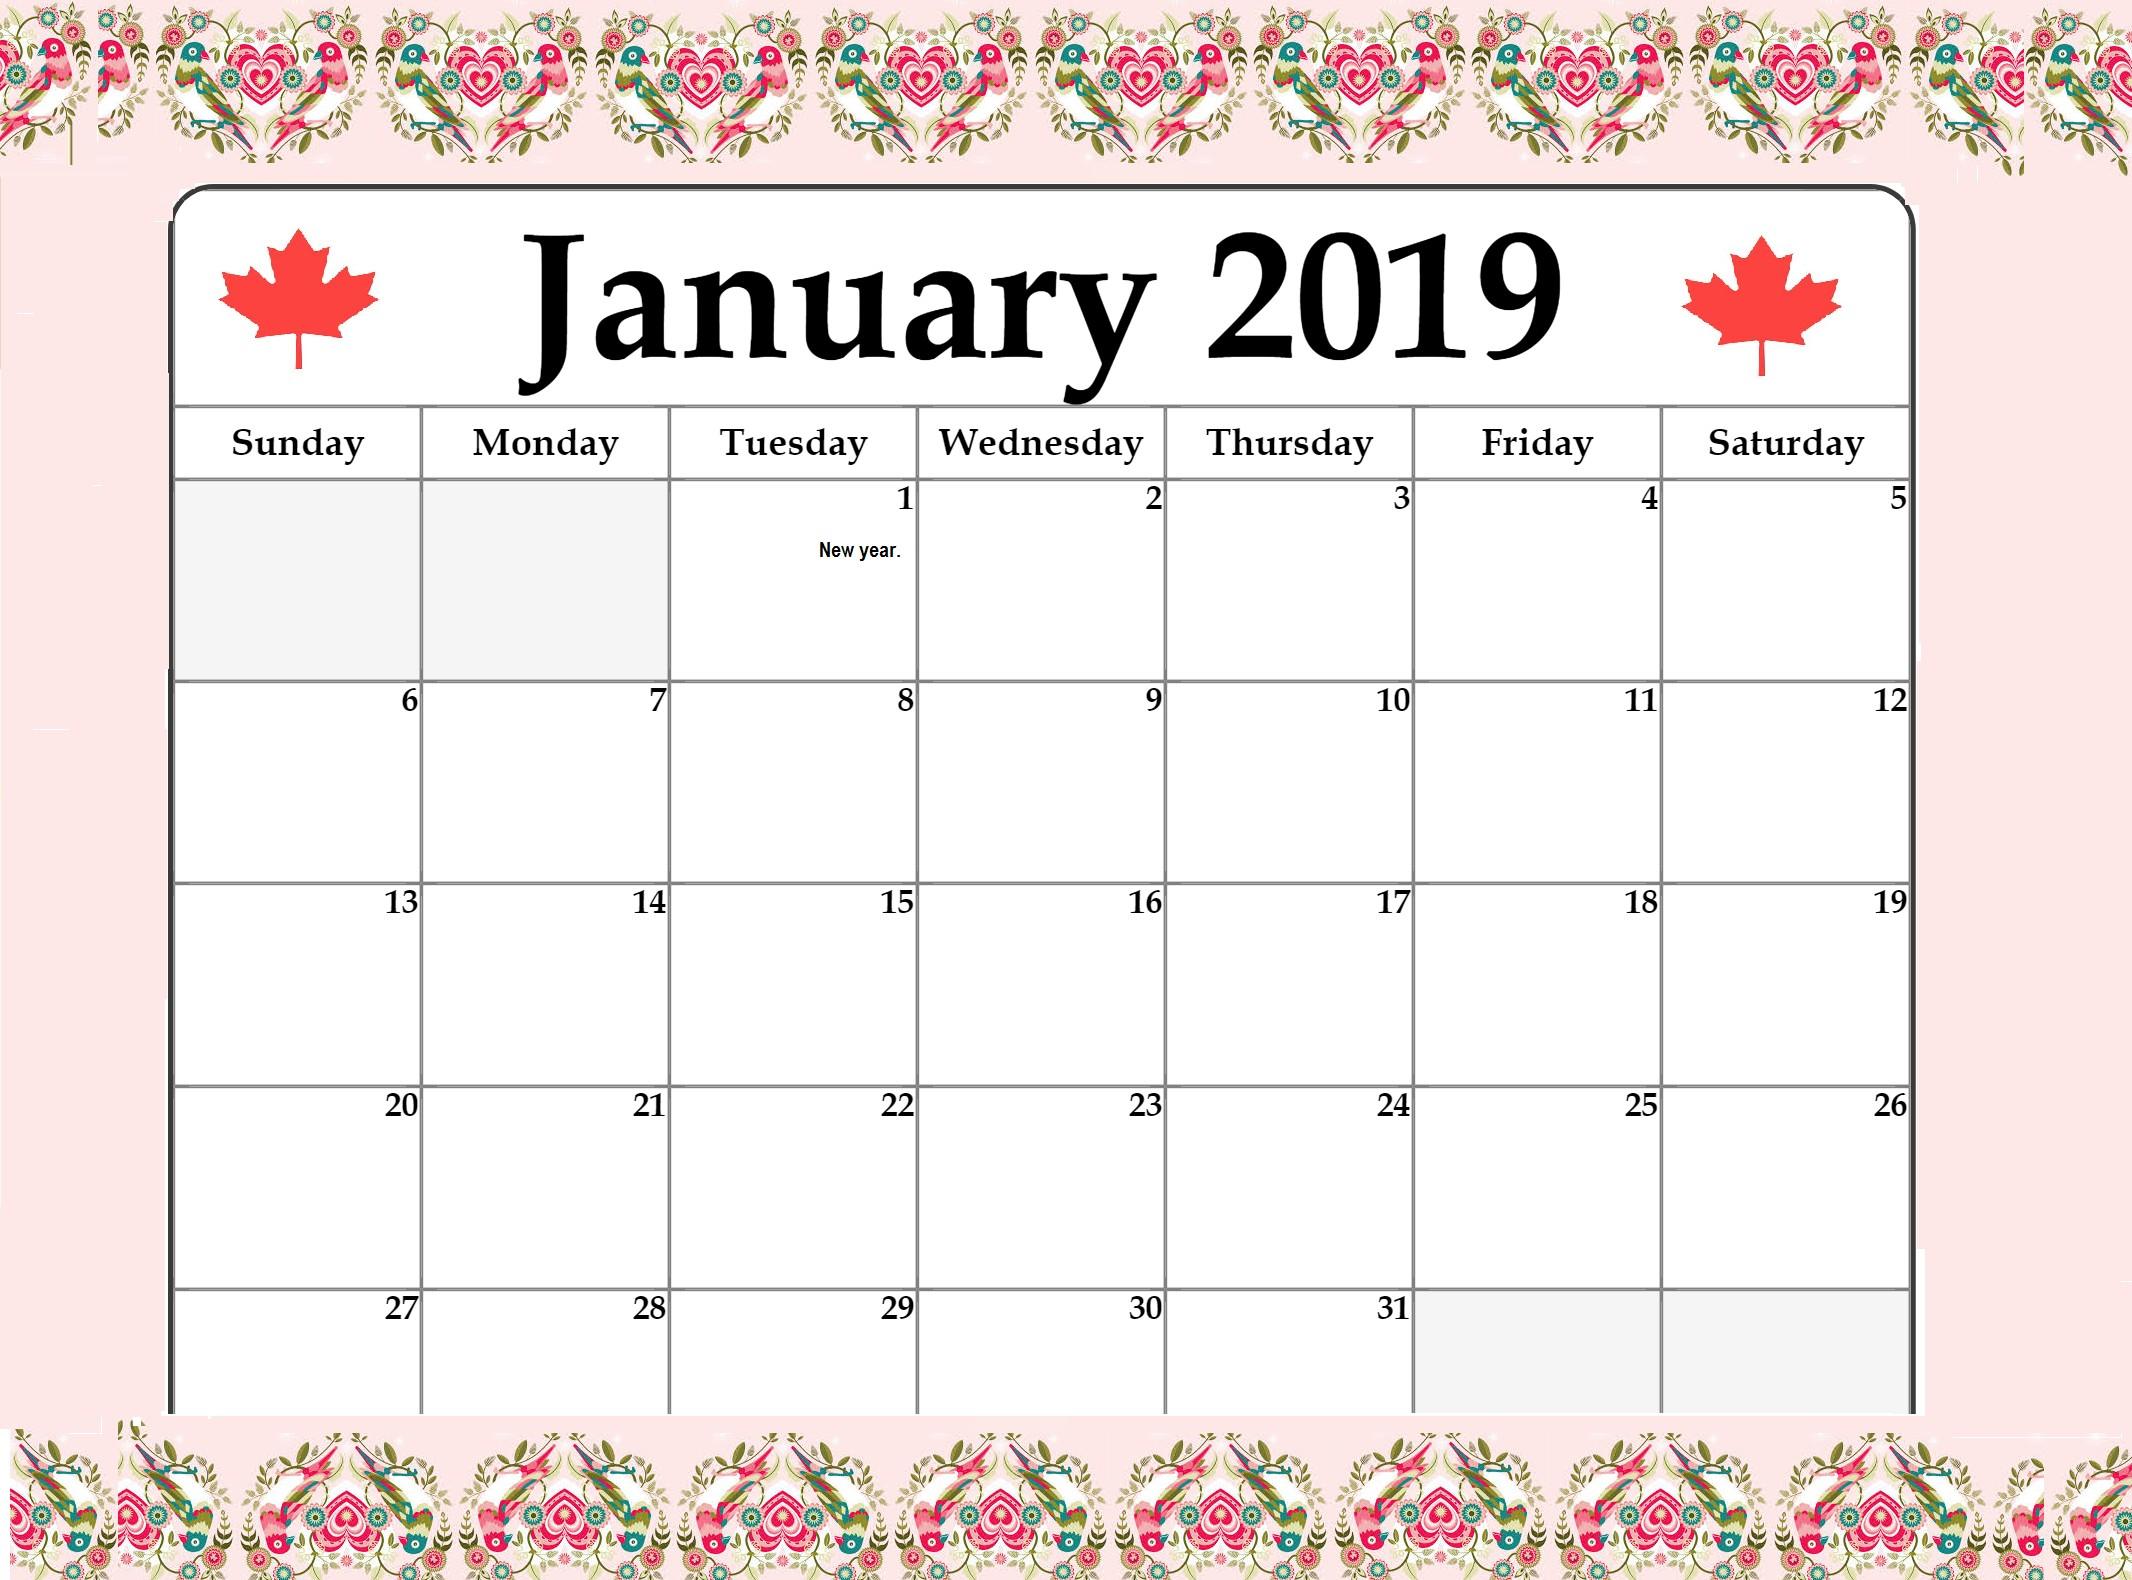 Calendario Pis 2018 Ou 2019 Más Caliente January 2019 Local Holiday Canada Calendar Of Calendario Pis 2018 Ou 2019 Más Populares 2018 Printable Calendar Pdf Fresh June 2019 Printable Calendar – the